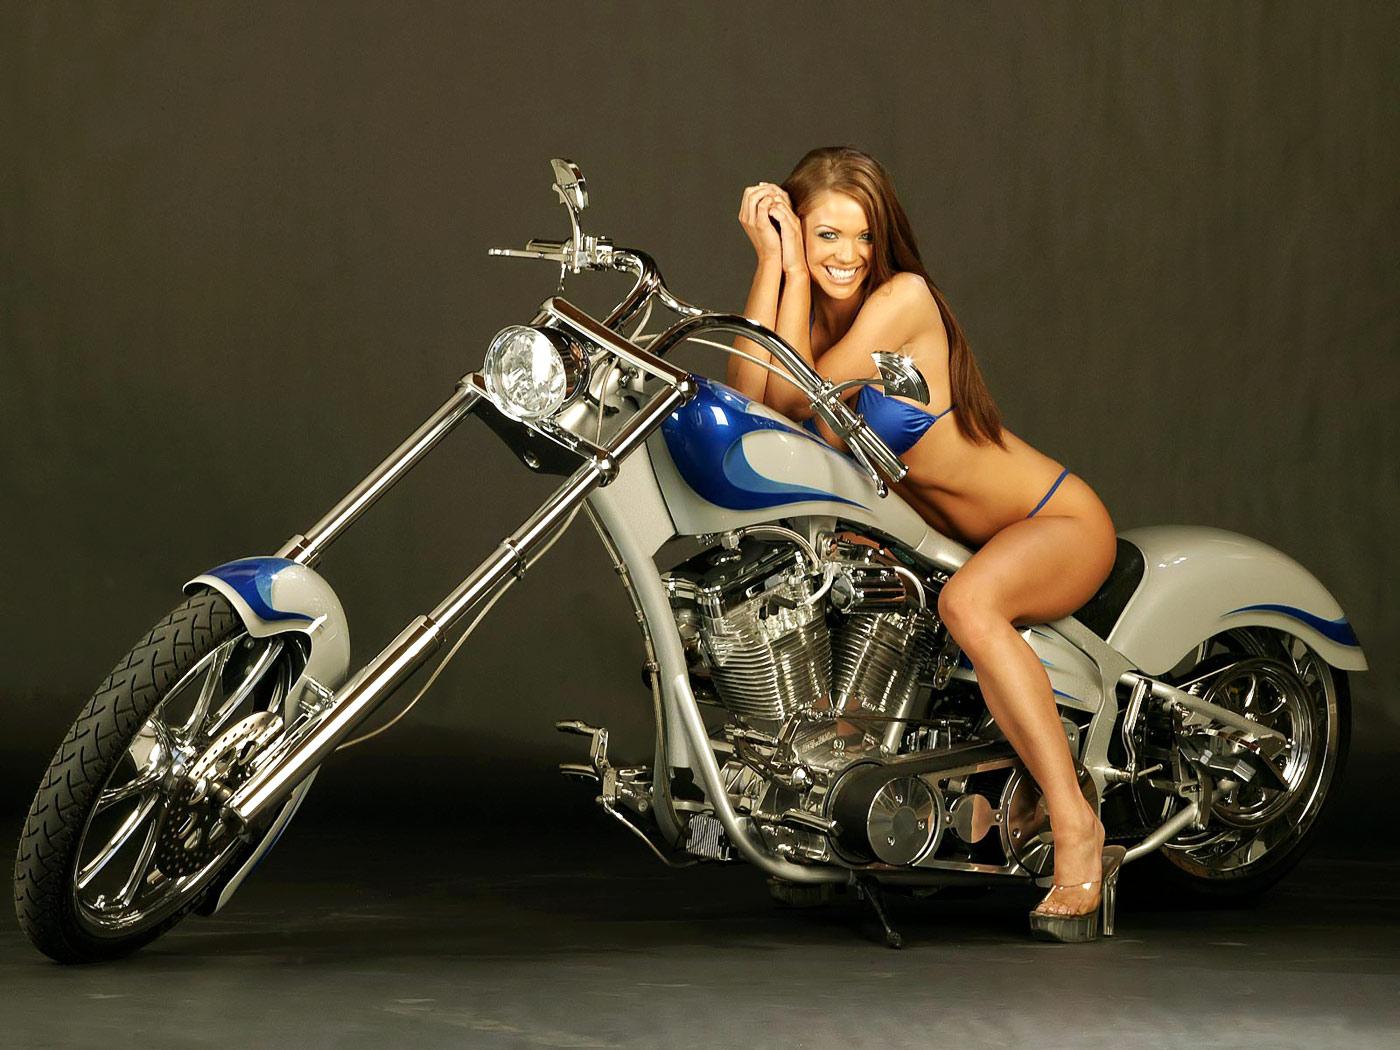 Девушка и мотоцикл, байк, фото обои